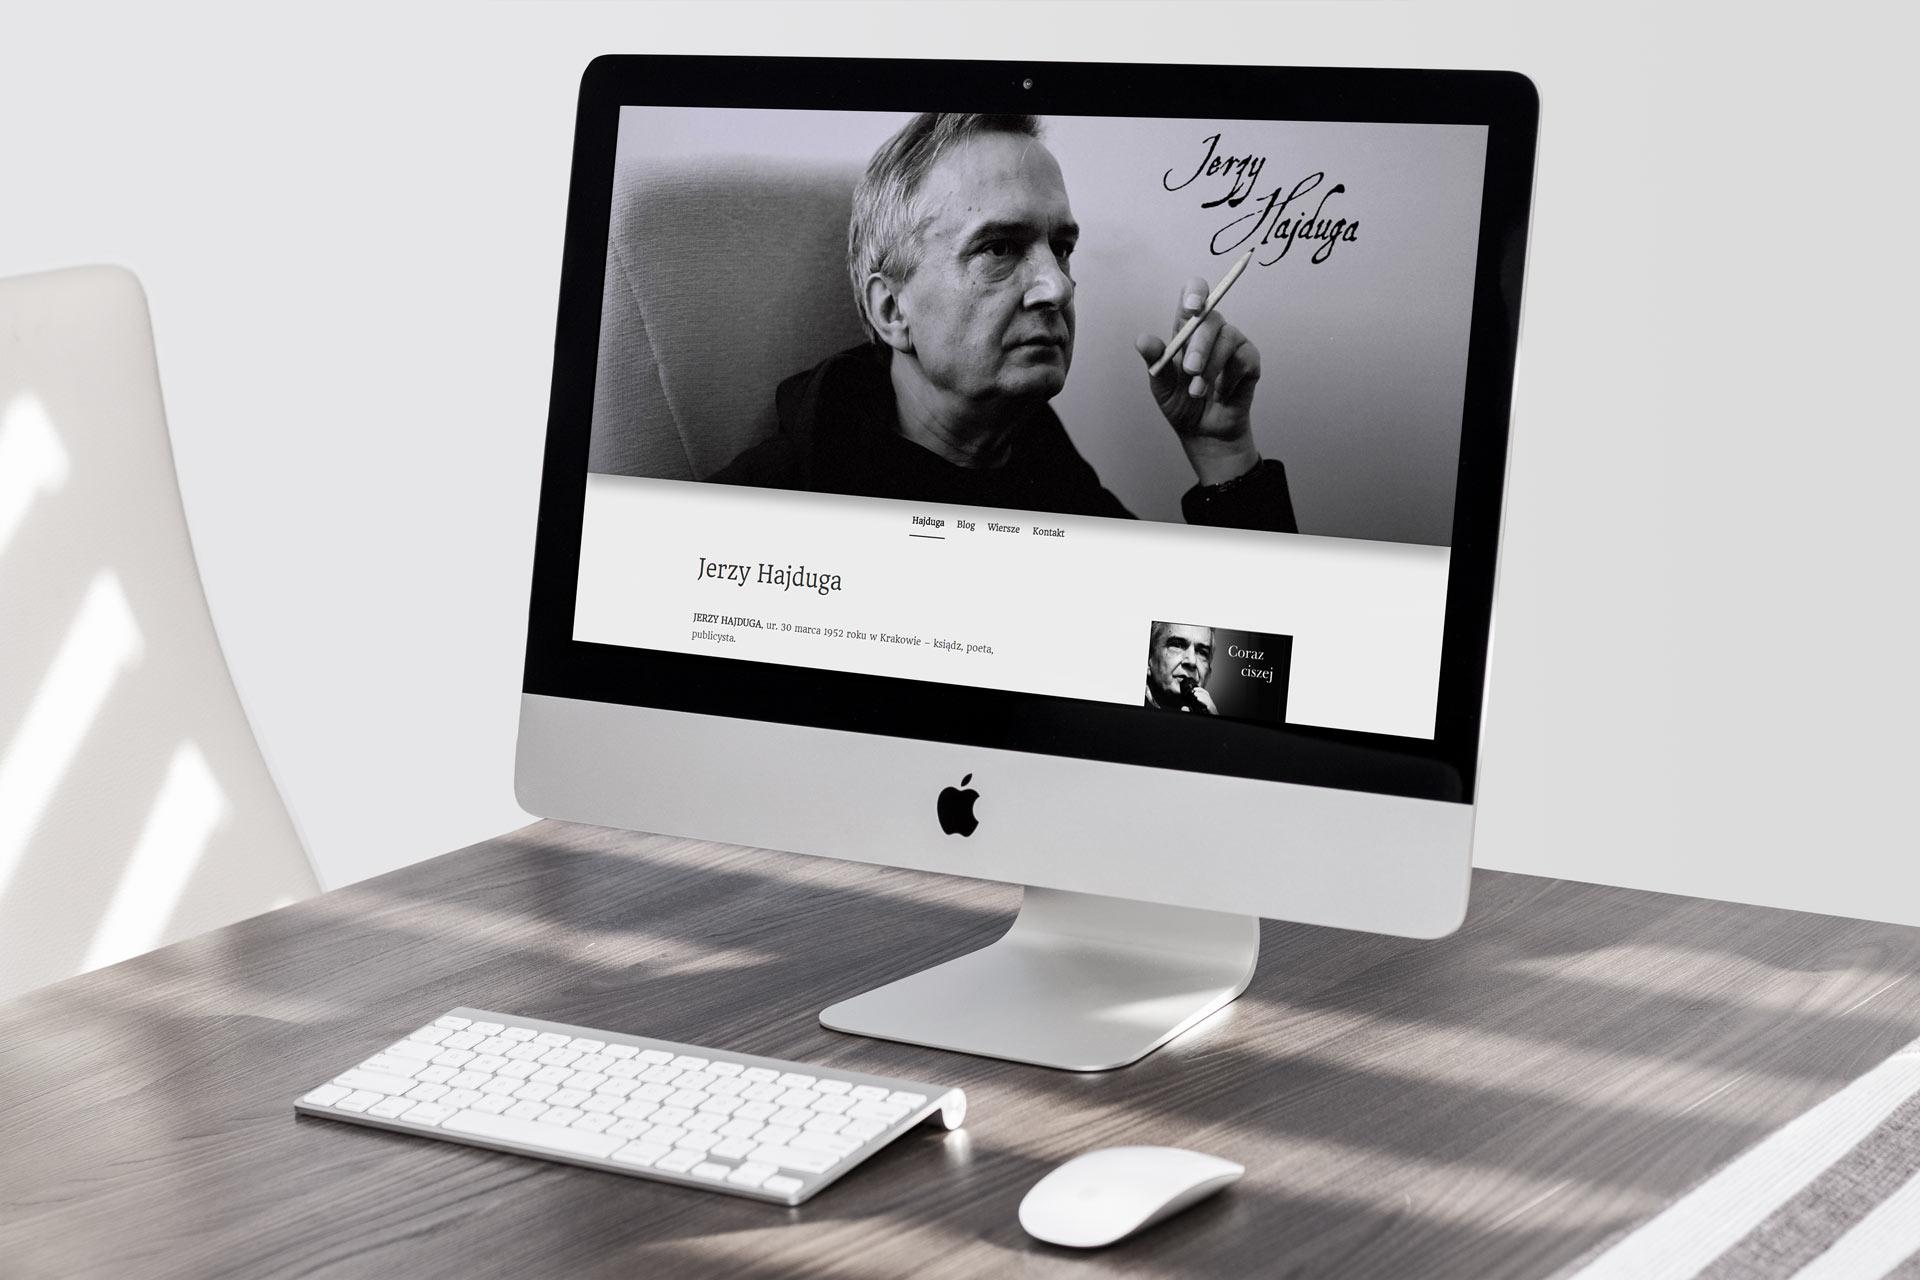 Webdesign i wdrożenie strony internetowej jerzyhajduga.pl